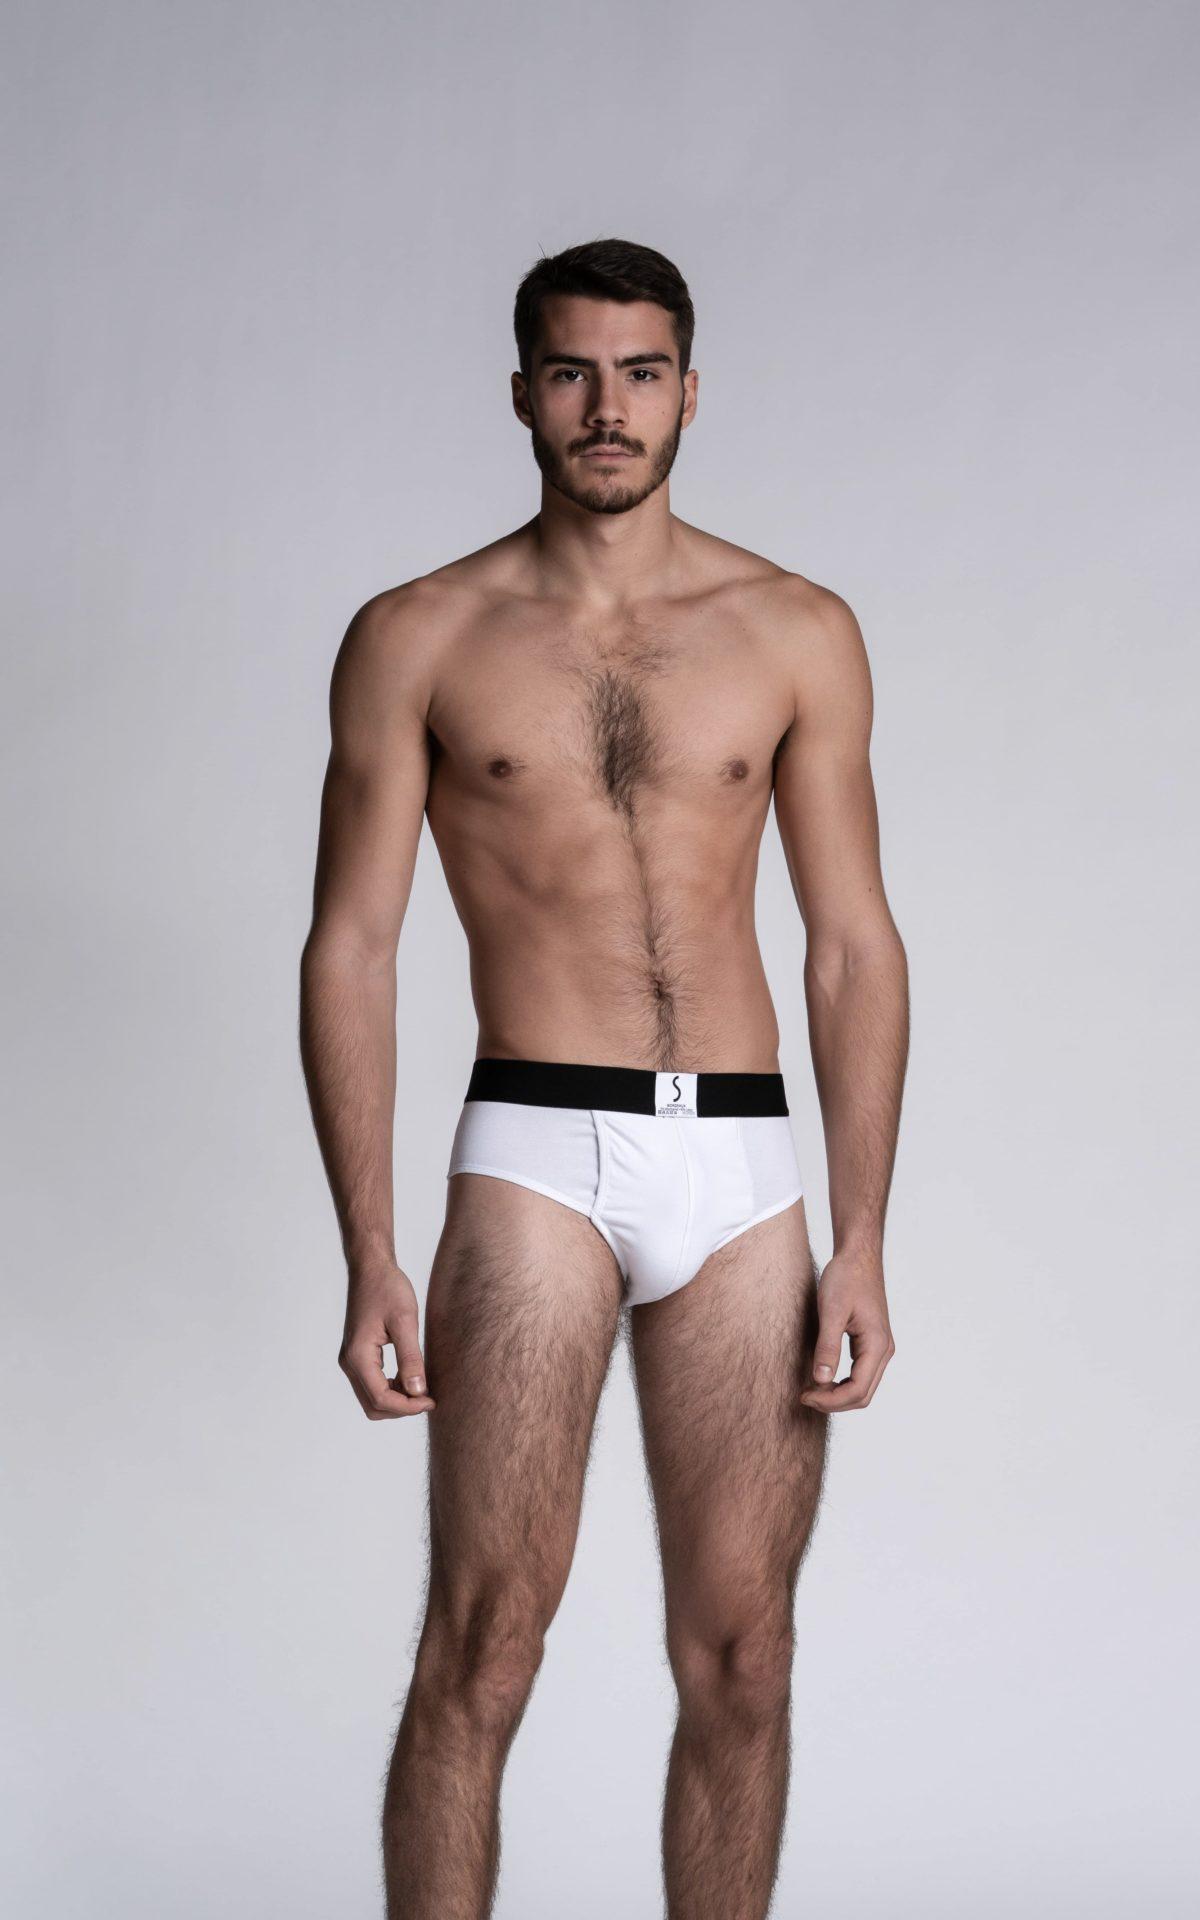 Homme mannequin portant un slip ouvert kangourou Liévans blanc de la marque S BORDEAUX